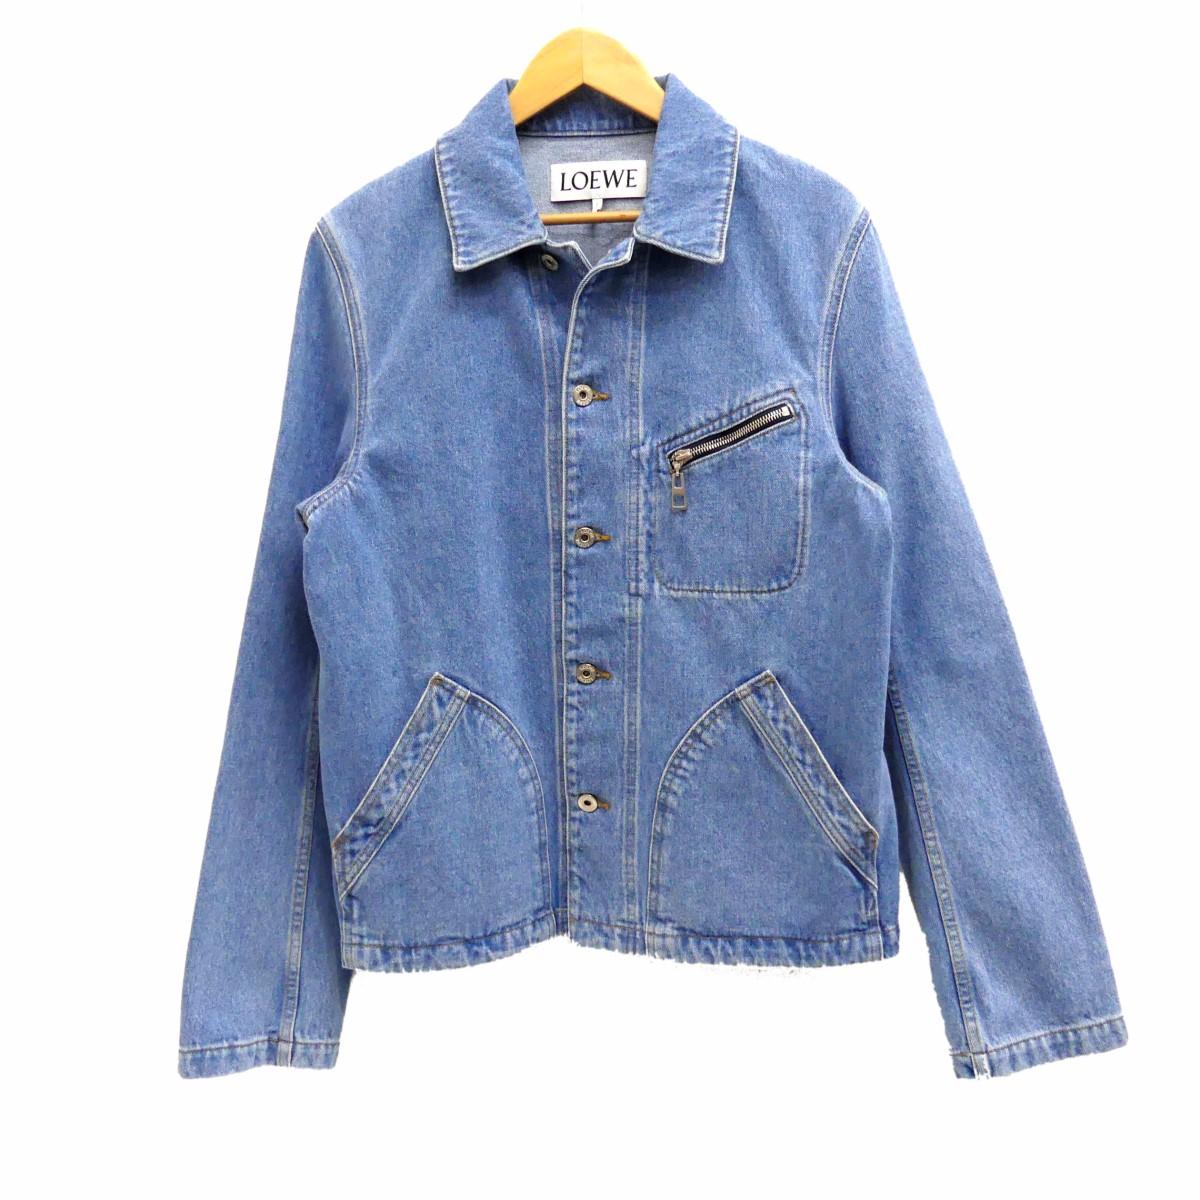 【中古】LOEWE2019AW Short Plain Denim Jackets デニムジャケット インディゴ サイズ:44 【5月14日見直し】